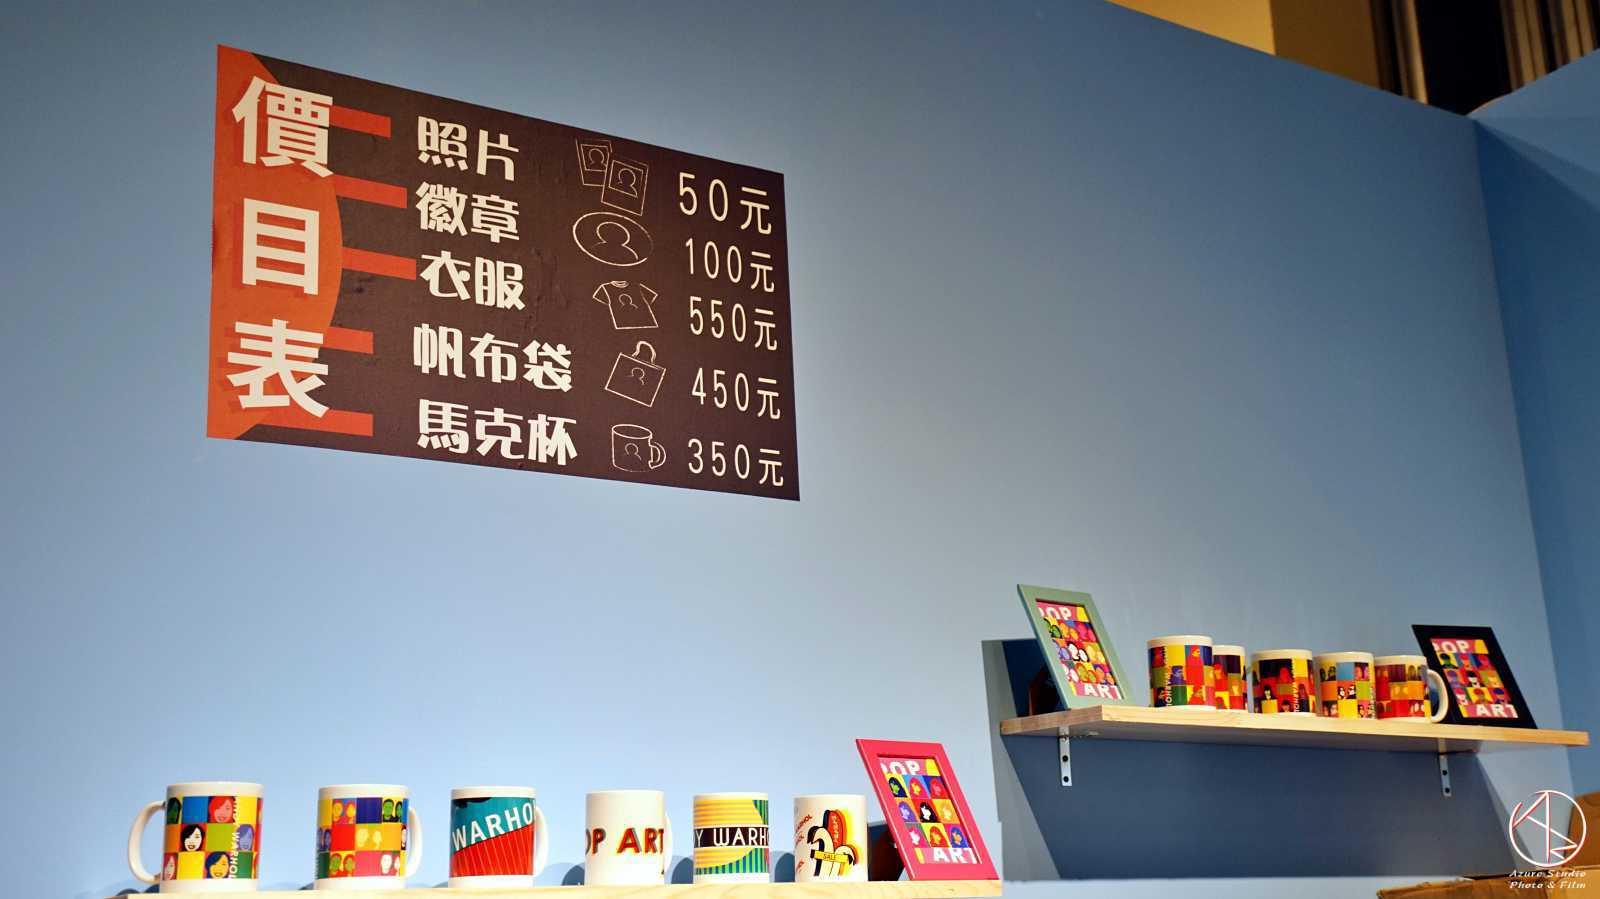 安迪沃荷普普狂想特展,看展心得,周邊商品區,個人客製化作品